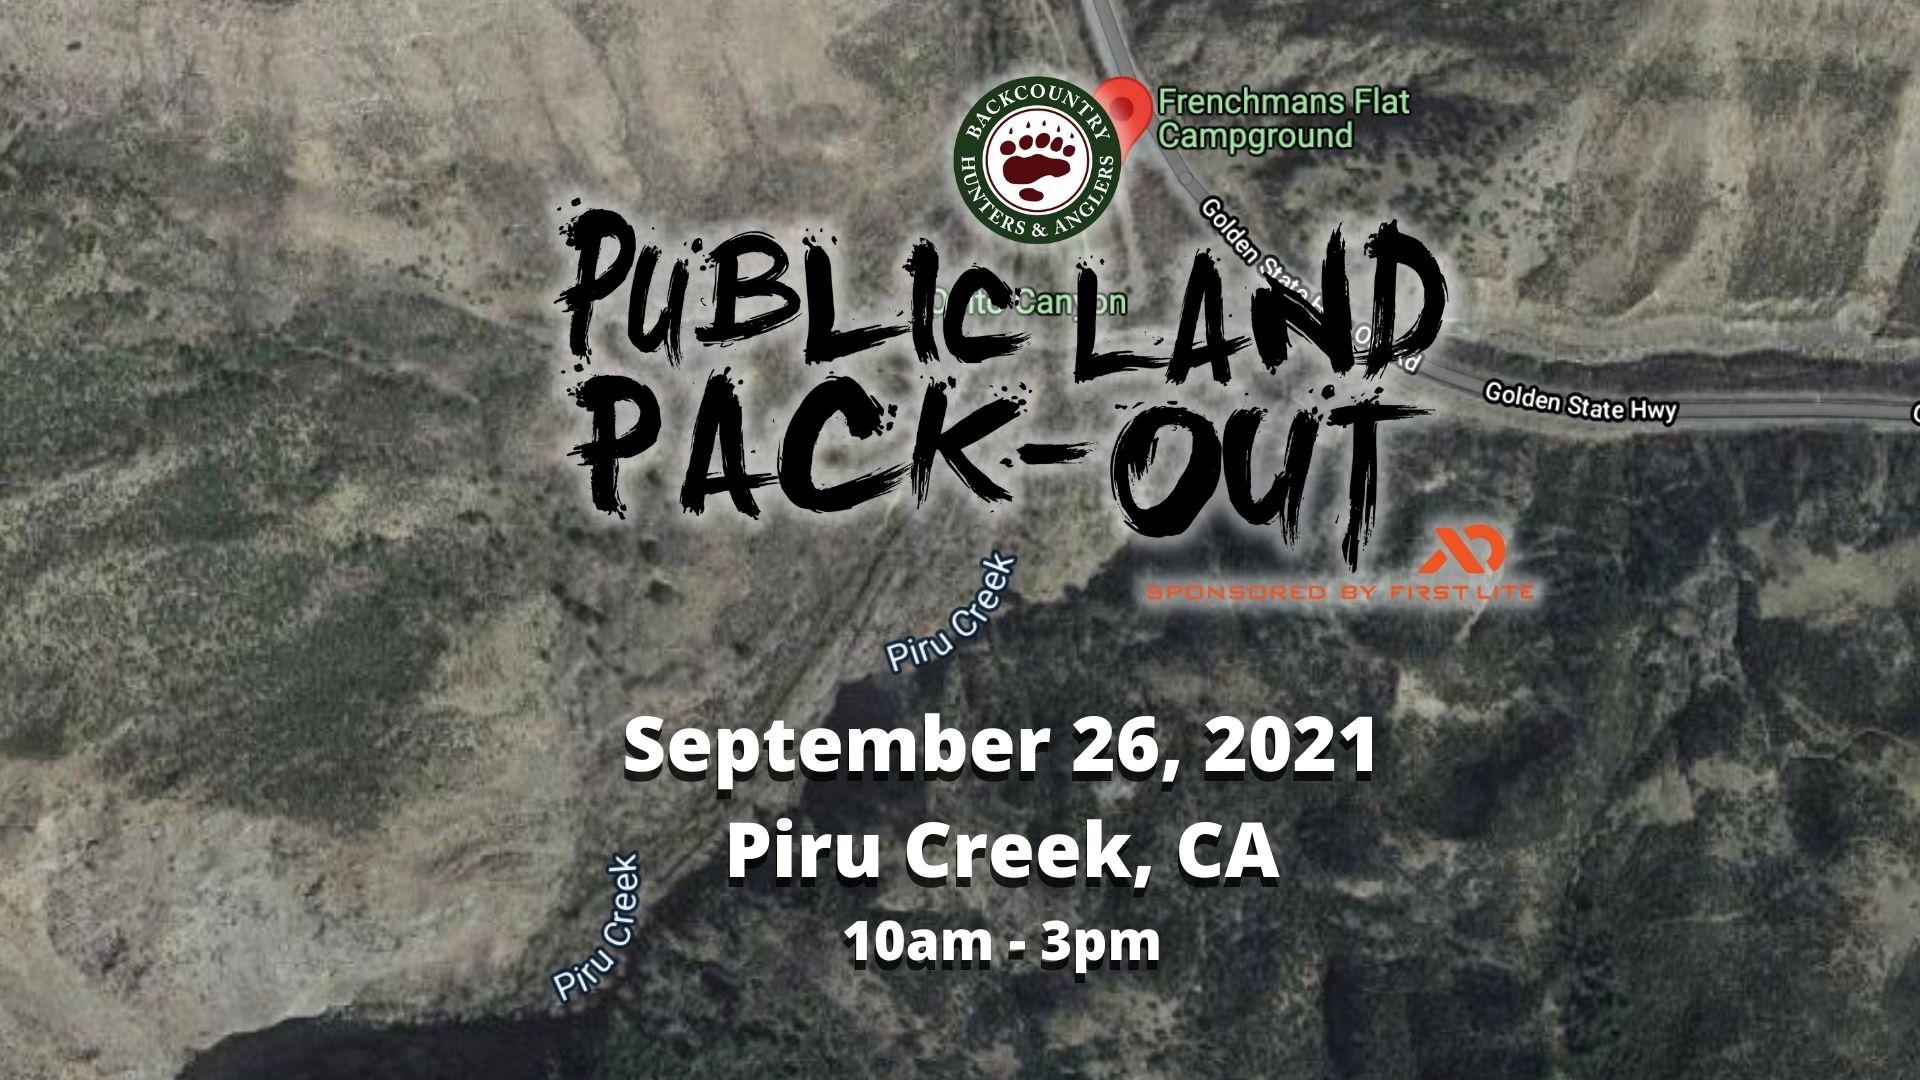 piru creek packout